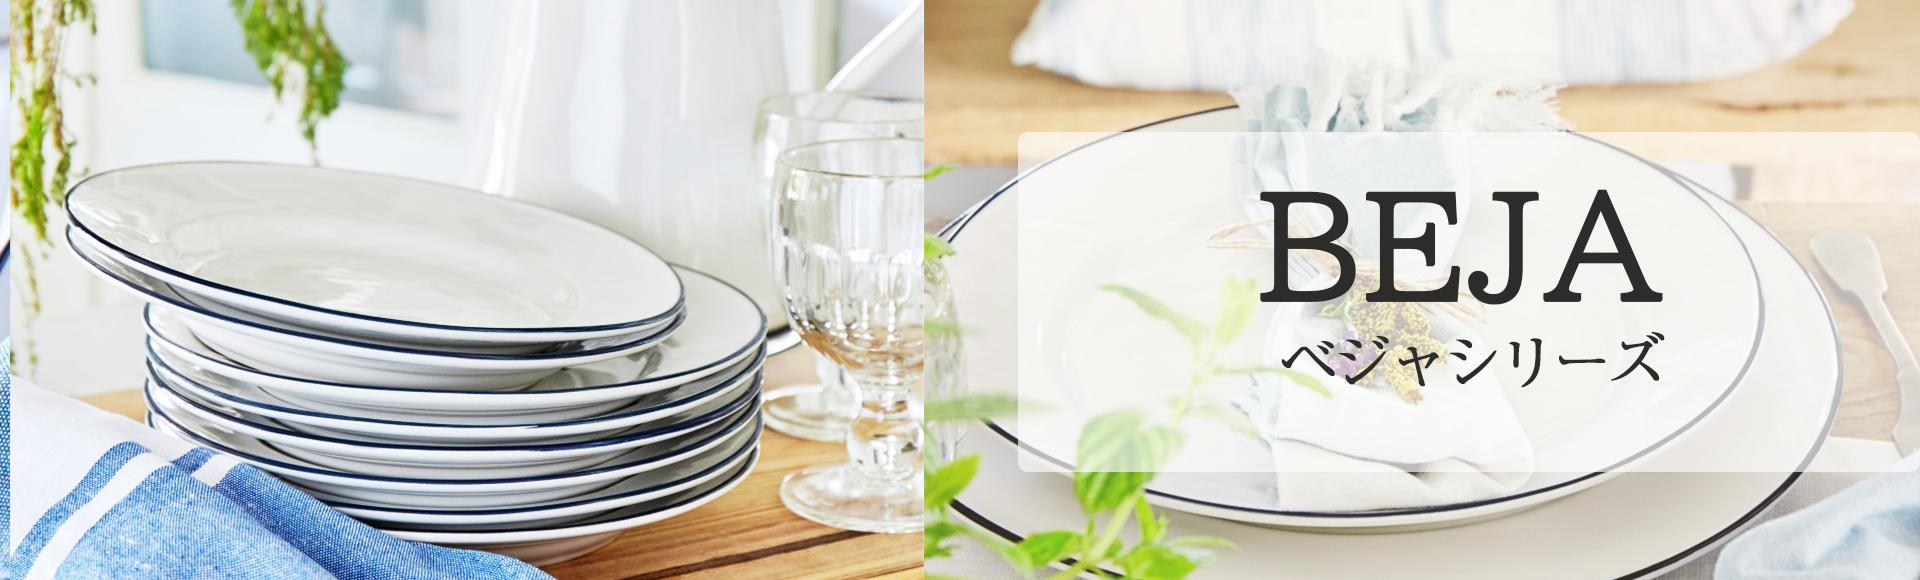 ホーロー食器のようなシンプルさと清潔感、ストーンウェアの温かみのあるベジャシリーズ。シンプルで使いやすいシリーズ。